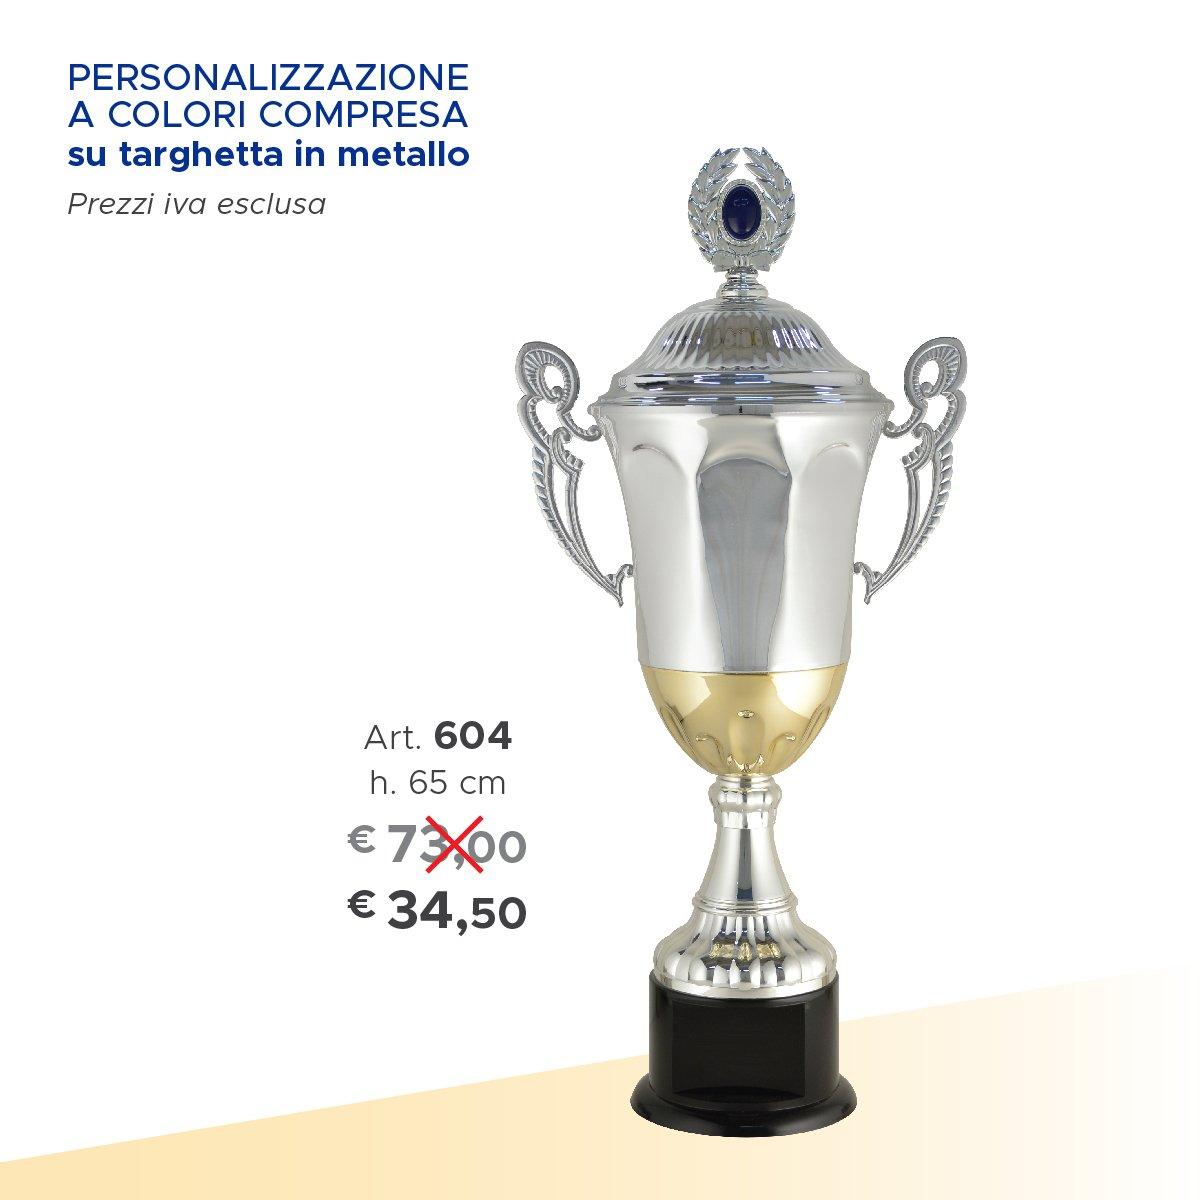 un trofeo argentato con due manici e accanto il prezzo scritto